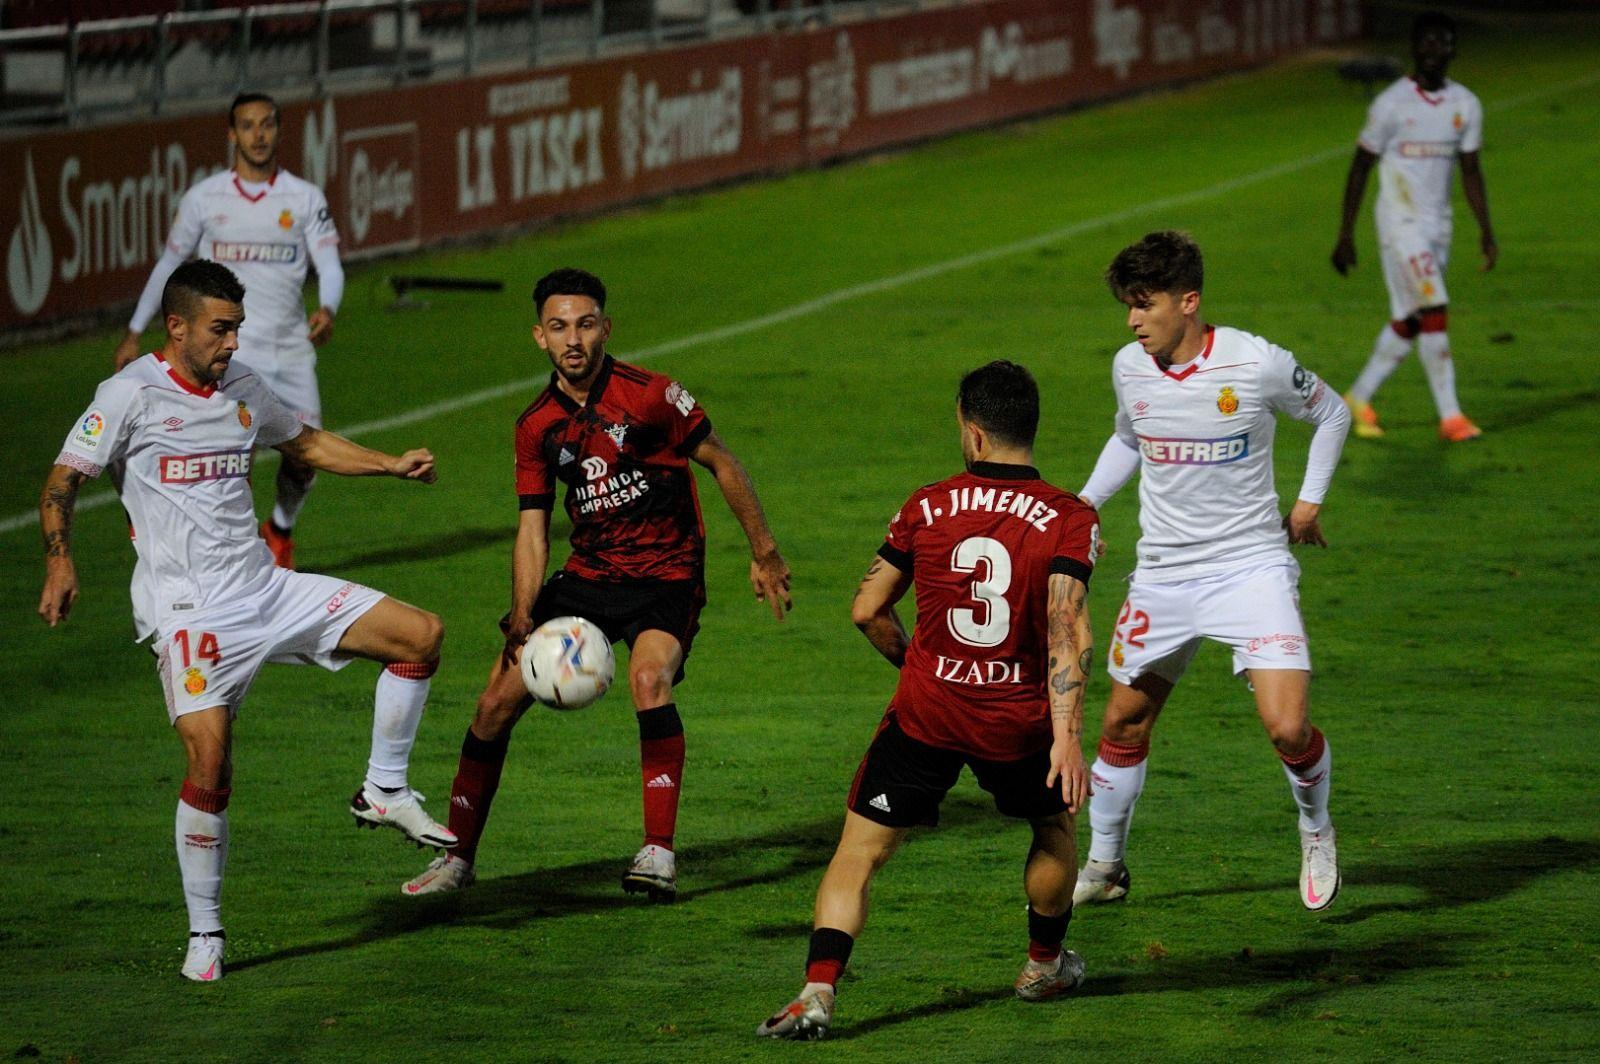 Mirandés-Mallorca: Los bermellones dan por bueno el empate